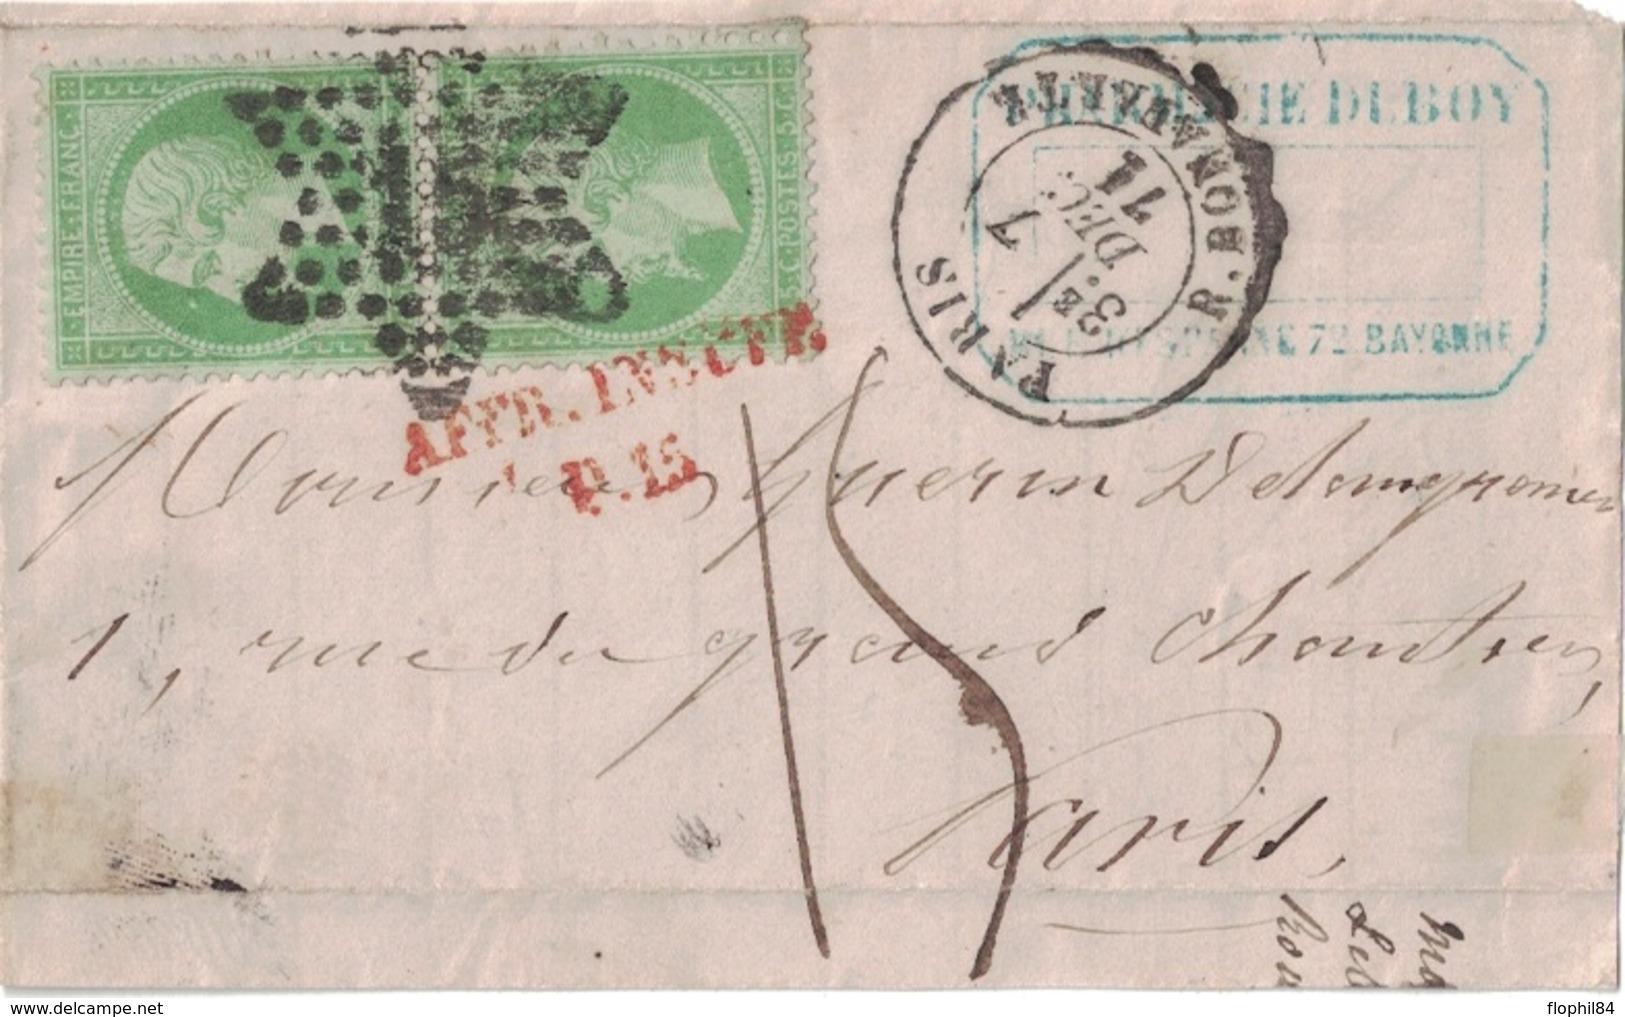 PARIS - R.BONAPARTE - LE 7 DECEMBRE 1871 - EMPIRE - N°20 EN PAIRE SUR DEVANT DE LETTRE TAXEE A 15 MANUSCRIT + AFFR.INSUF - Postmark Collection (Covers)